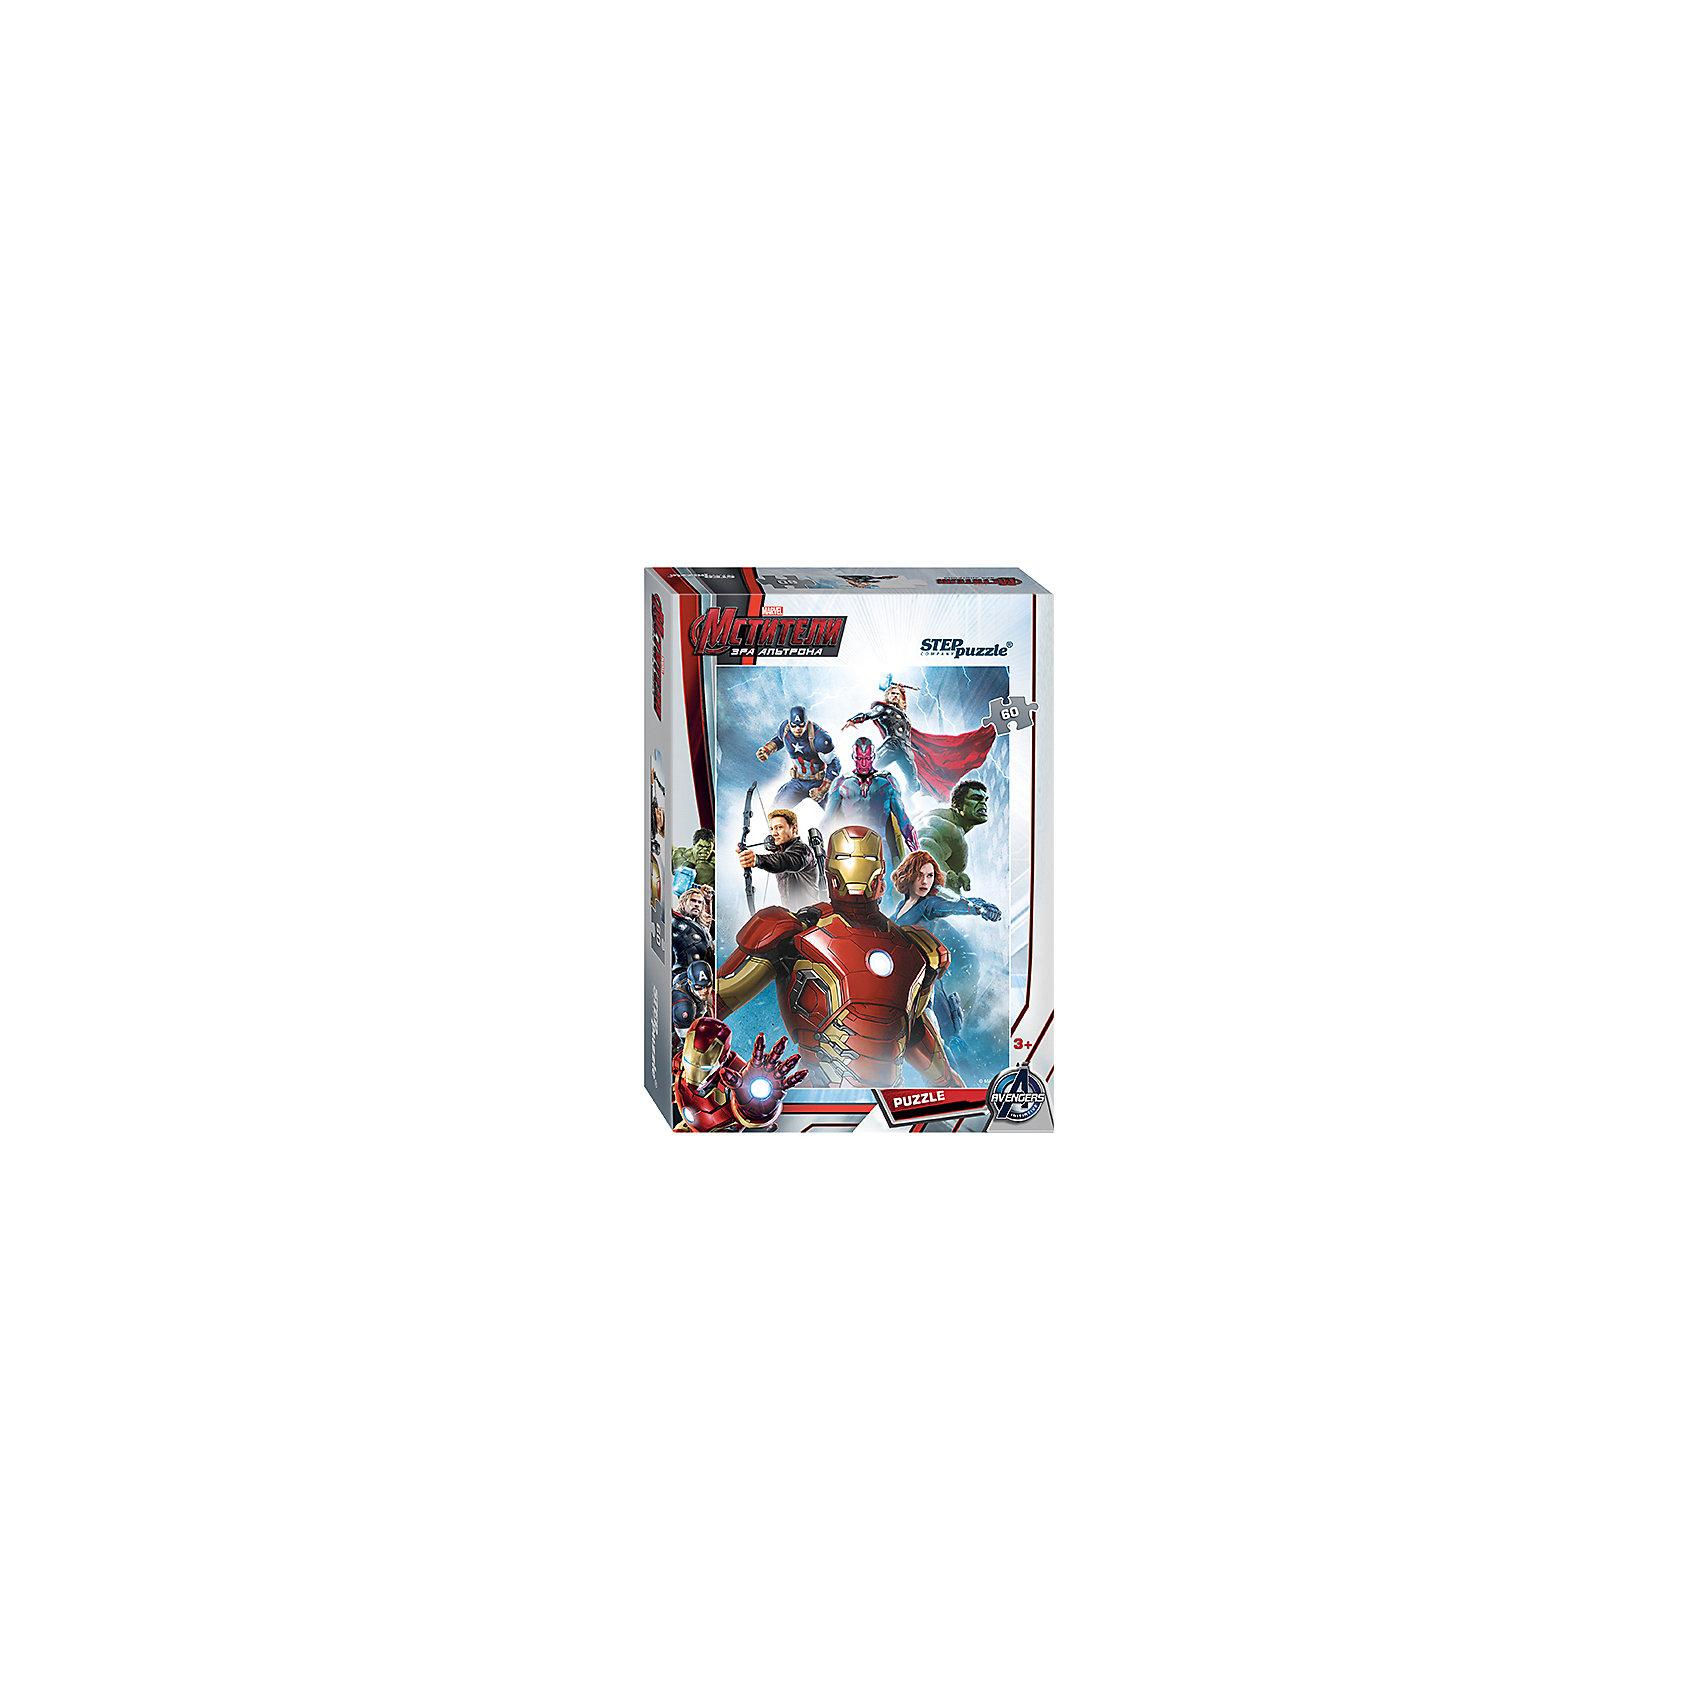 Пазл Мстители-2, 60 деталей, Step puzzleПазлы для малышей<br>Величайшие герои Земли выходят на борьбу со злом! Команда Мстителей всегда встречает вызовы судьбы и готова защитить человечество. Мальчишки обожают истории про супергероев. Но долго смотреть мультфильмы нельзя, а расставаться с Халком, Тором и Капитаном Америкой не хочется! Подарите мальчишке чудесный пазл Мстители-2 и ребенок будет увлеченно подбирать детали, пока не составит яркую и интересную картинку. Сборка пазла Мстители-2 от Степ Пазл подарит Вашему ребенку не только множество увлекательных вечеров, но и принесет пользу для развития. Координация, моторика, внимательность легко тренируются пока ребенок увлеченно подбирает детальки одна к другой. Качественные фрагменты пазла отлично проклеены и идеально подходят один к другому, поэтому сборка пазла обеспечит малышу только положительные эмоции. Вы будете использовать этот пазл не один год, ведь благодаря качественной нарезке детали не расслаиваются даже после многократного использования. Закончив работу Вы получите изображение любимых супергероев MARVEL!<br><br>Дополнительная информация:<br><br>- Количество деталей: 60 ;<br>- Особенно понравится поклонникам мультфильма Мстители-2;<br>- Отличная проклейка;<br>- Долгий срок службы;<br>- Детали среднего размера идеально подходят друг другу;<br>- Яркий сюжет;<br>- Материал: картон;<br>- Размер собранной картинки: 23 х 33 см.<br><br>Пазл Мстители-2, 60 деталей, Степ Пазл можно купить в нашем интернет-магазине.<br><br>Ширина мм: 195<br>Глубина мм: 137<br>Высота мм: 35<br>Вес г: 118<br>Возраст от месяцев: 36<br>Возраст до месяцев: 72<br>Пол: Мужской<br>Возраст: Детский<br>Количество деталей: 60<br>SKU: 4162767